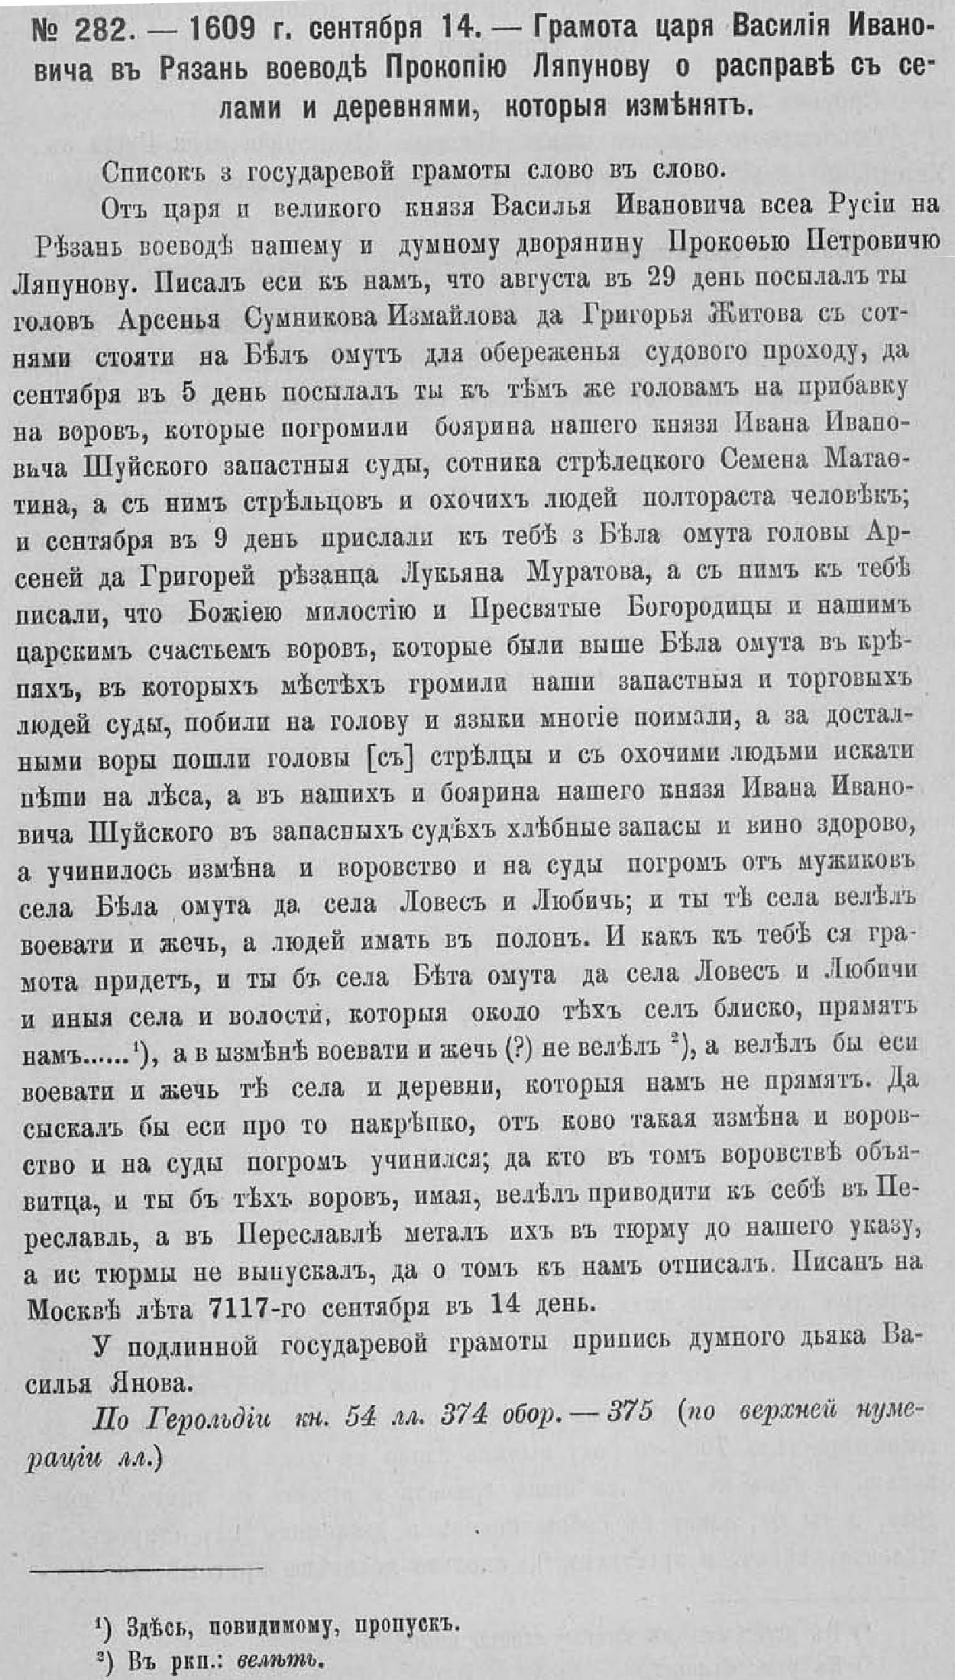 Сколько лет Белоомуту?, изображение №3